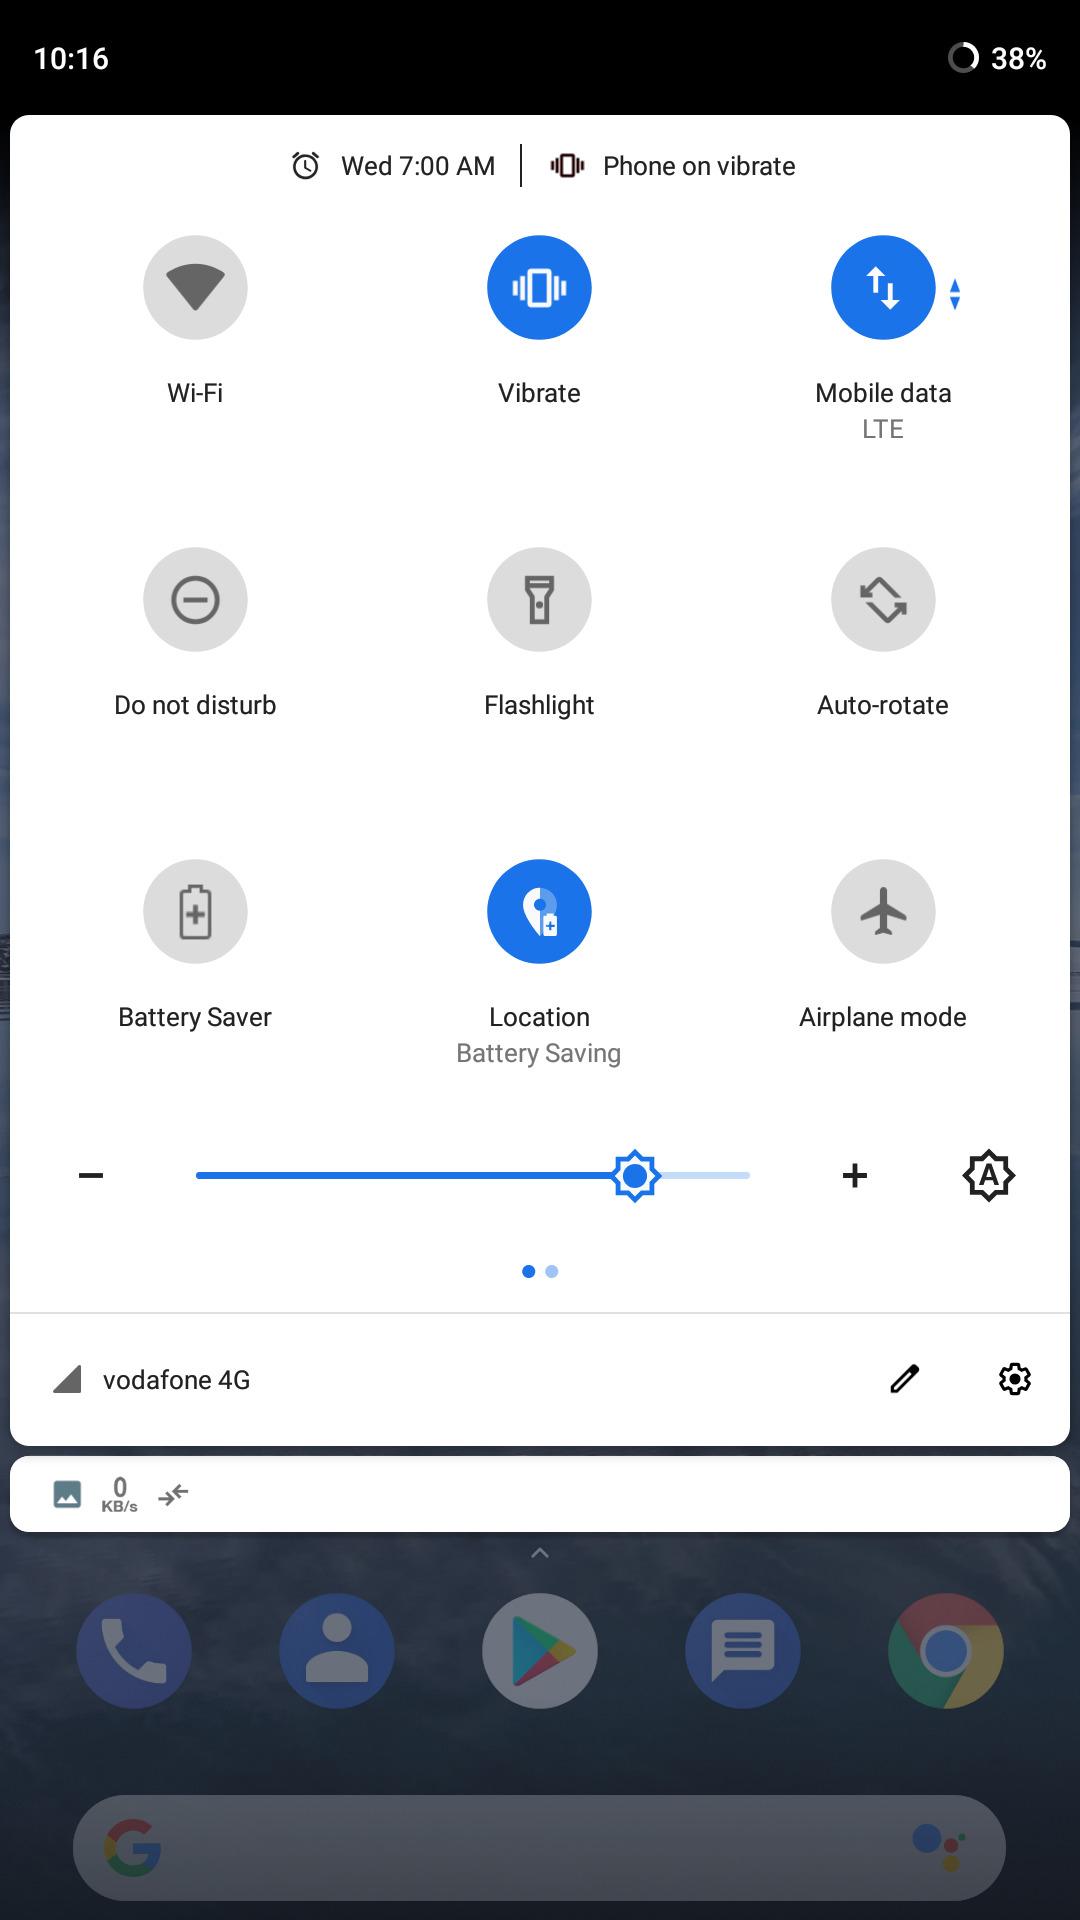 روم AospExtended v6 2 بنظام Android 9 0 Pie لهاتف جلاكسي نوت 3